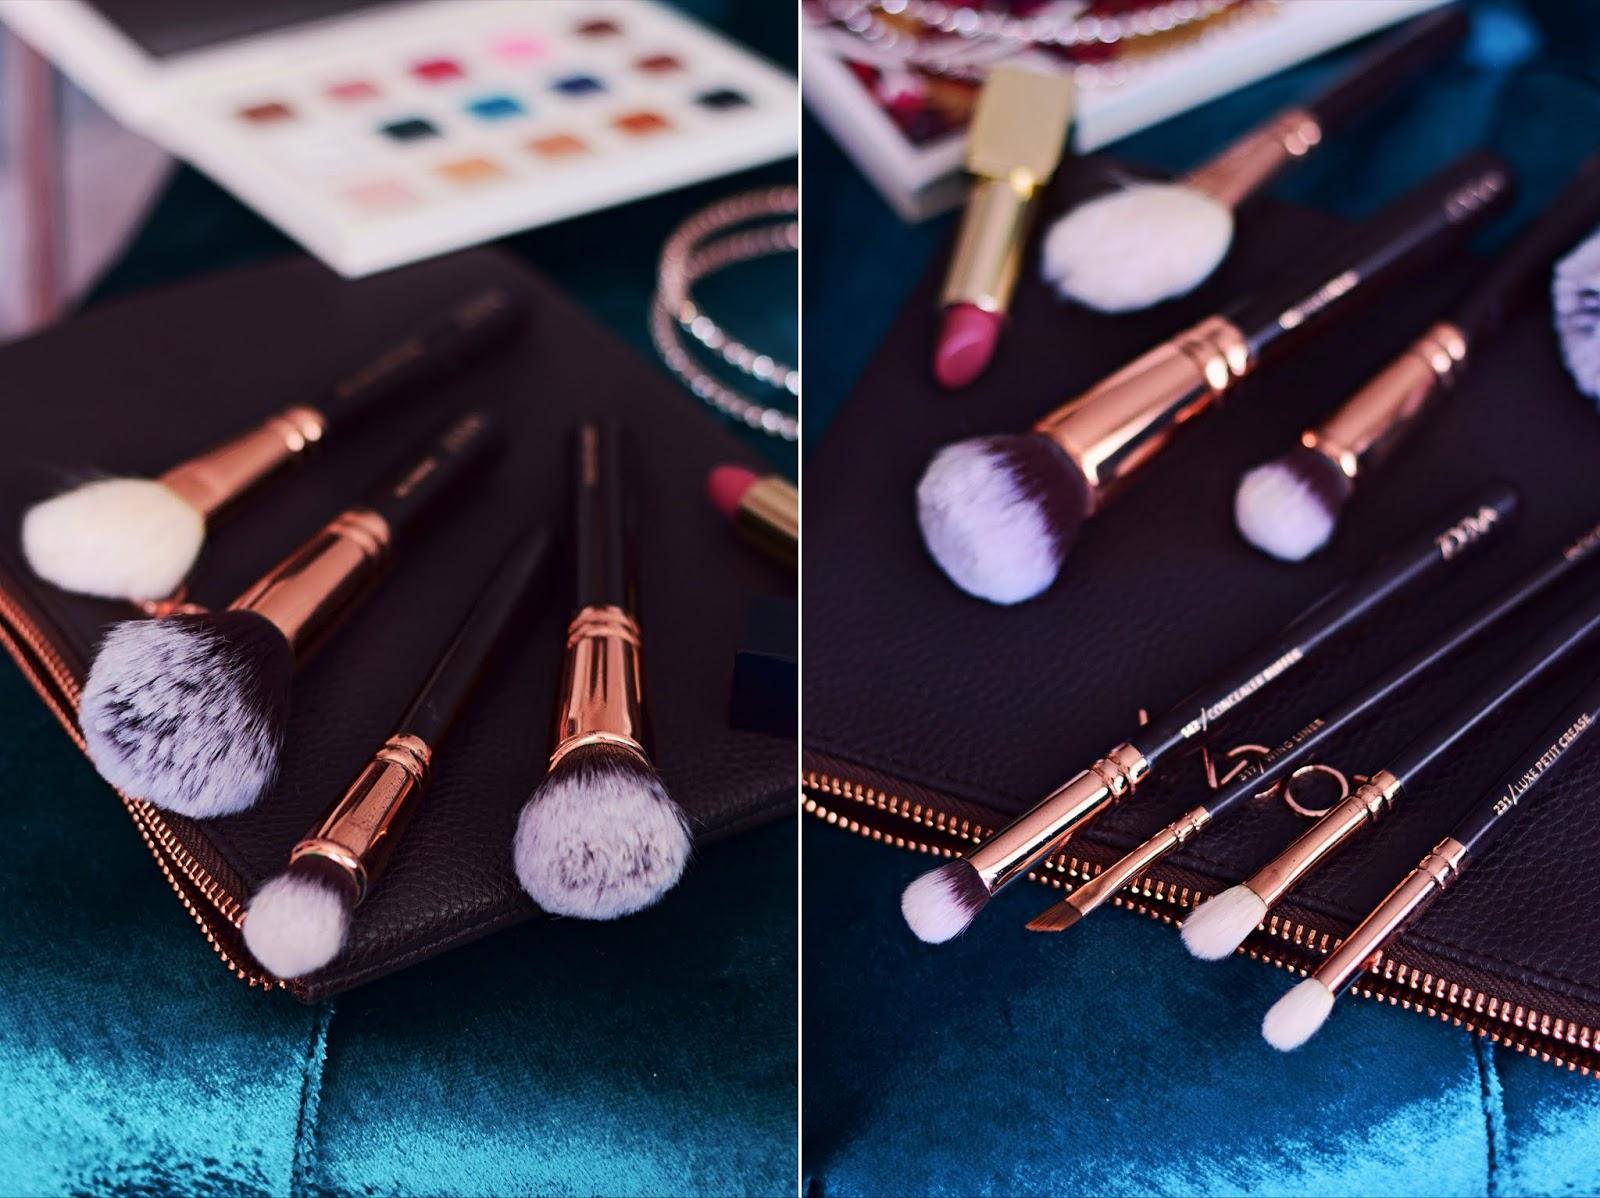 zoeva_rose_golden_luxury_set_zestaw_pędzli_cena_jakość_czy_warto_kupić_blog